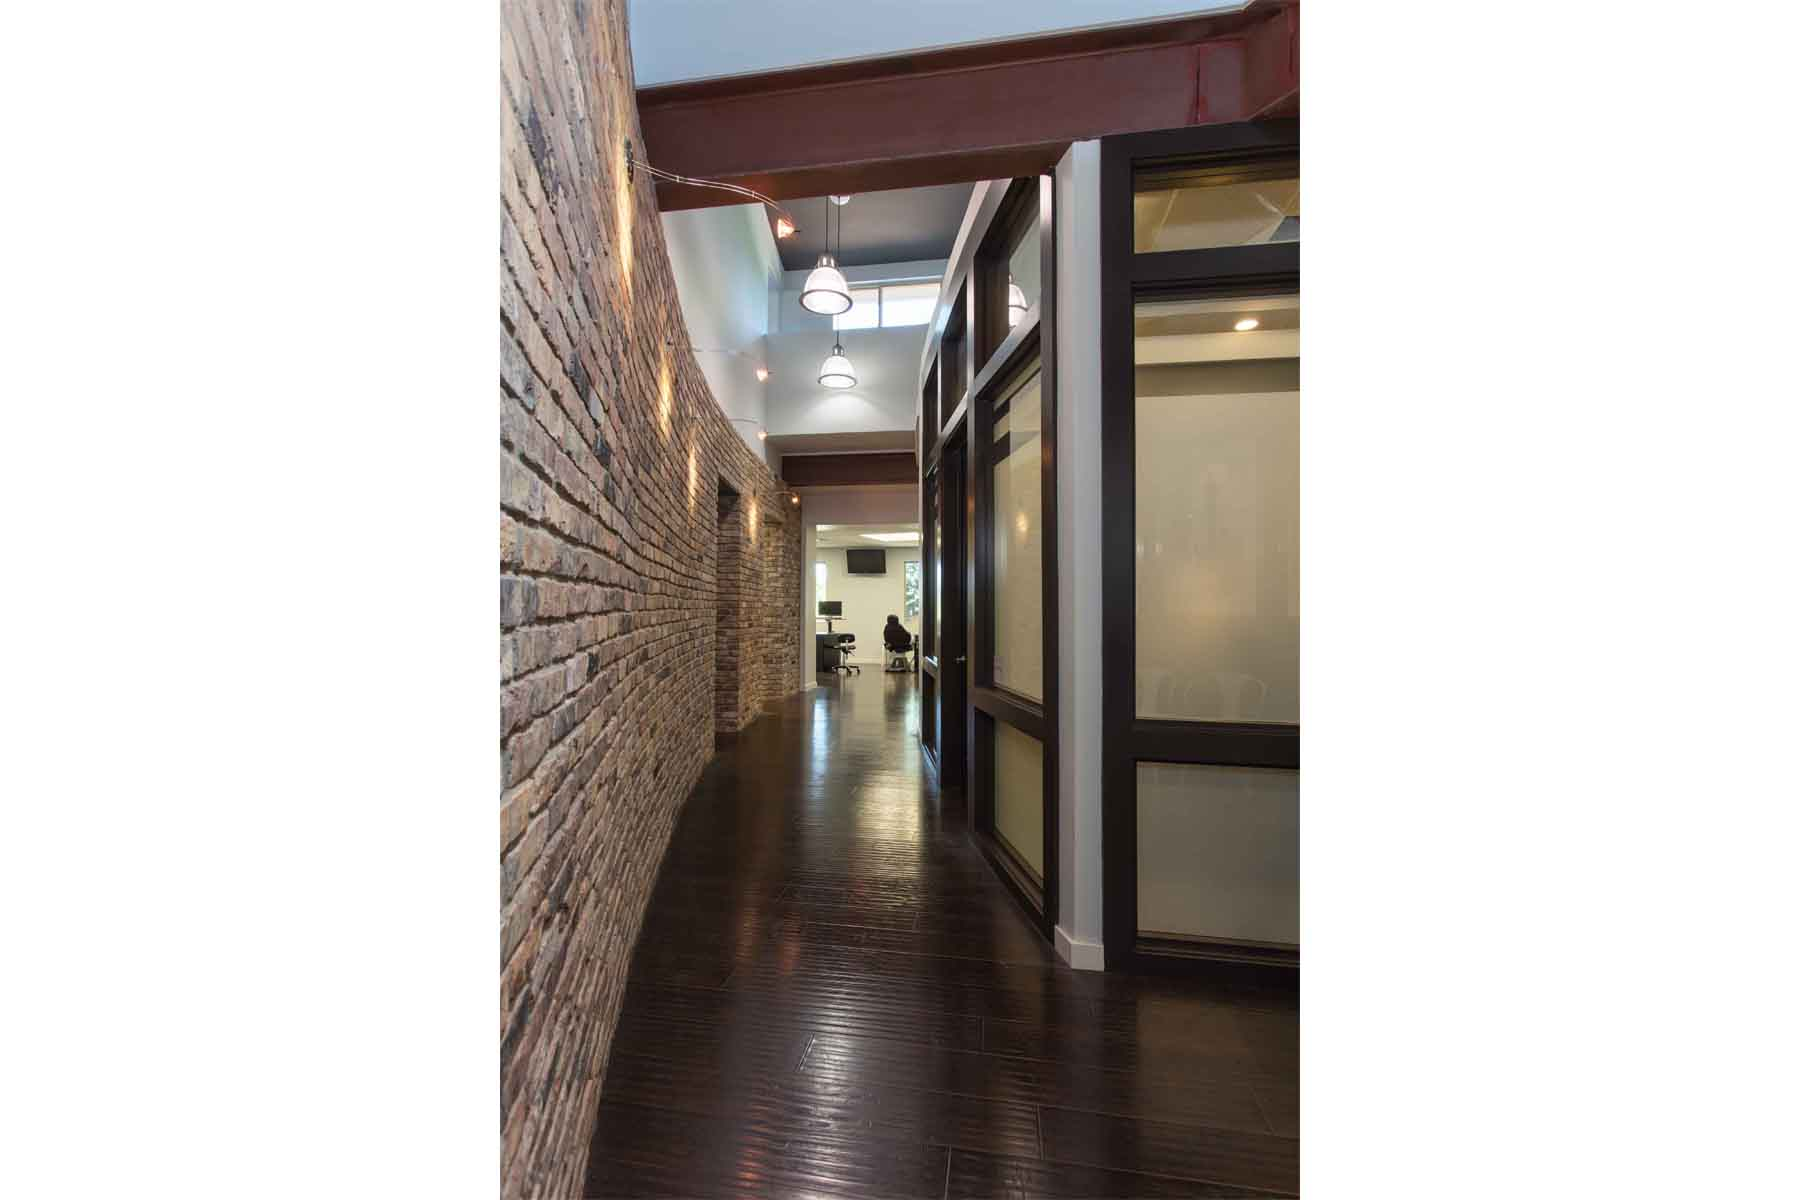 moody-orthodontics-walkway